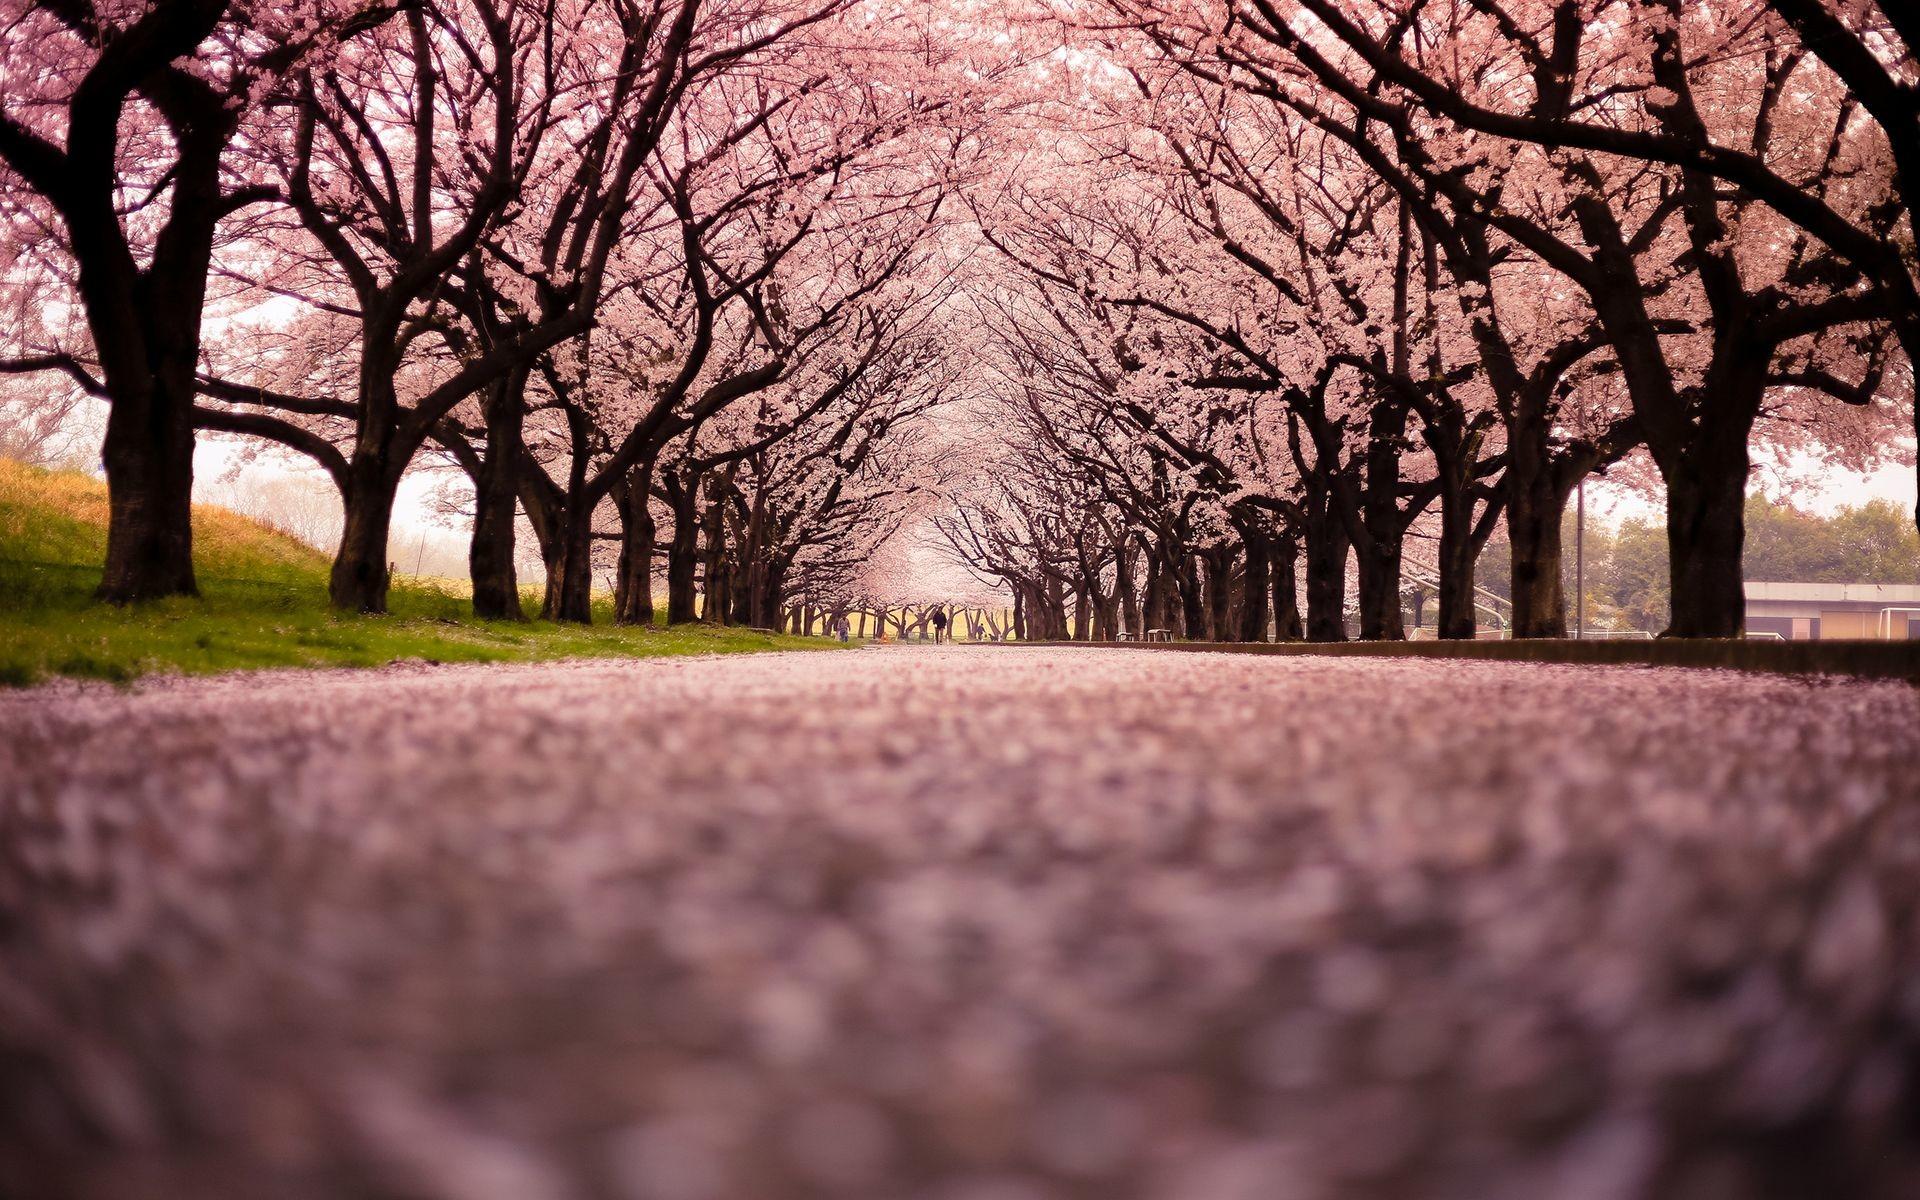 1166x685px Sakura Cherry Blossom Wallpaper